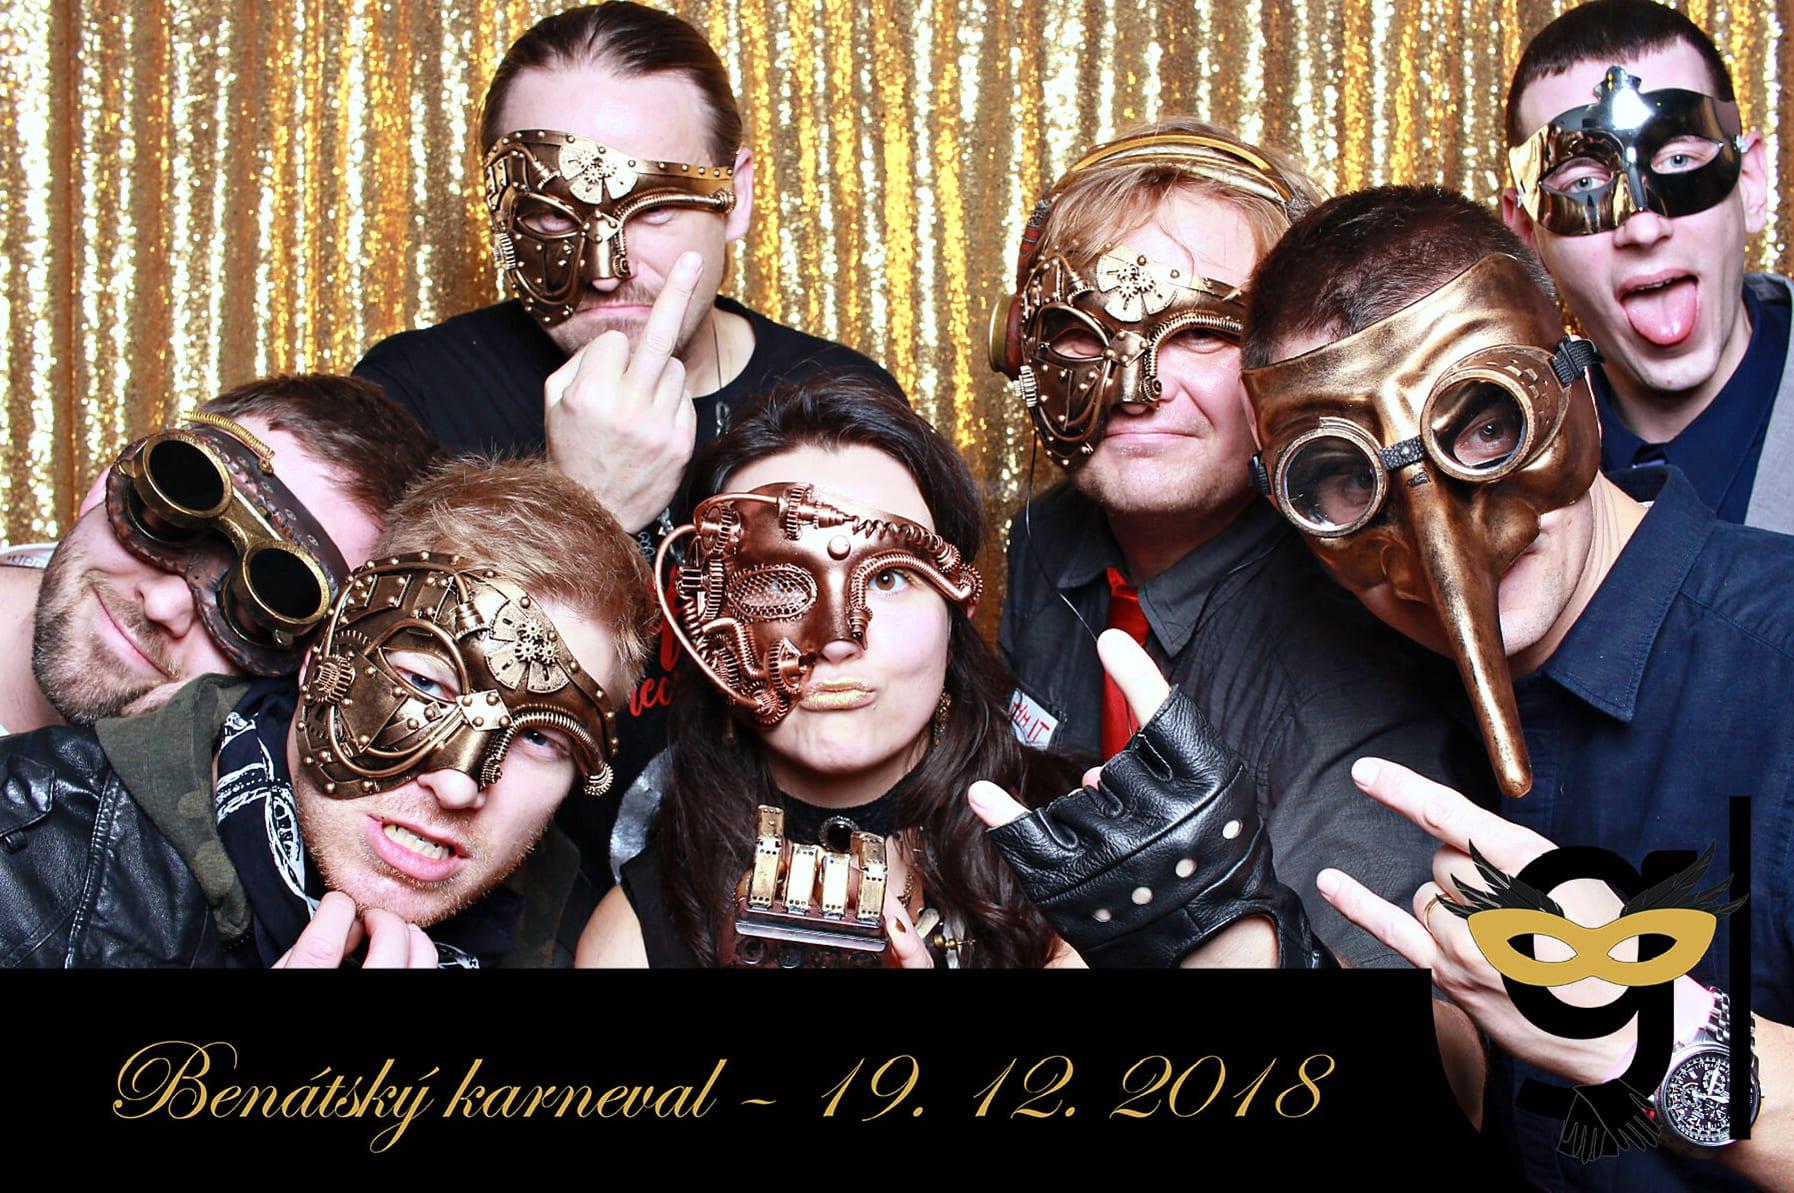 fotokoutek-grafton-benatsky-karneval-19-12-2018-556552